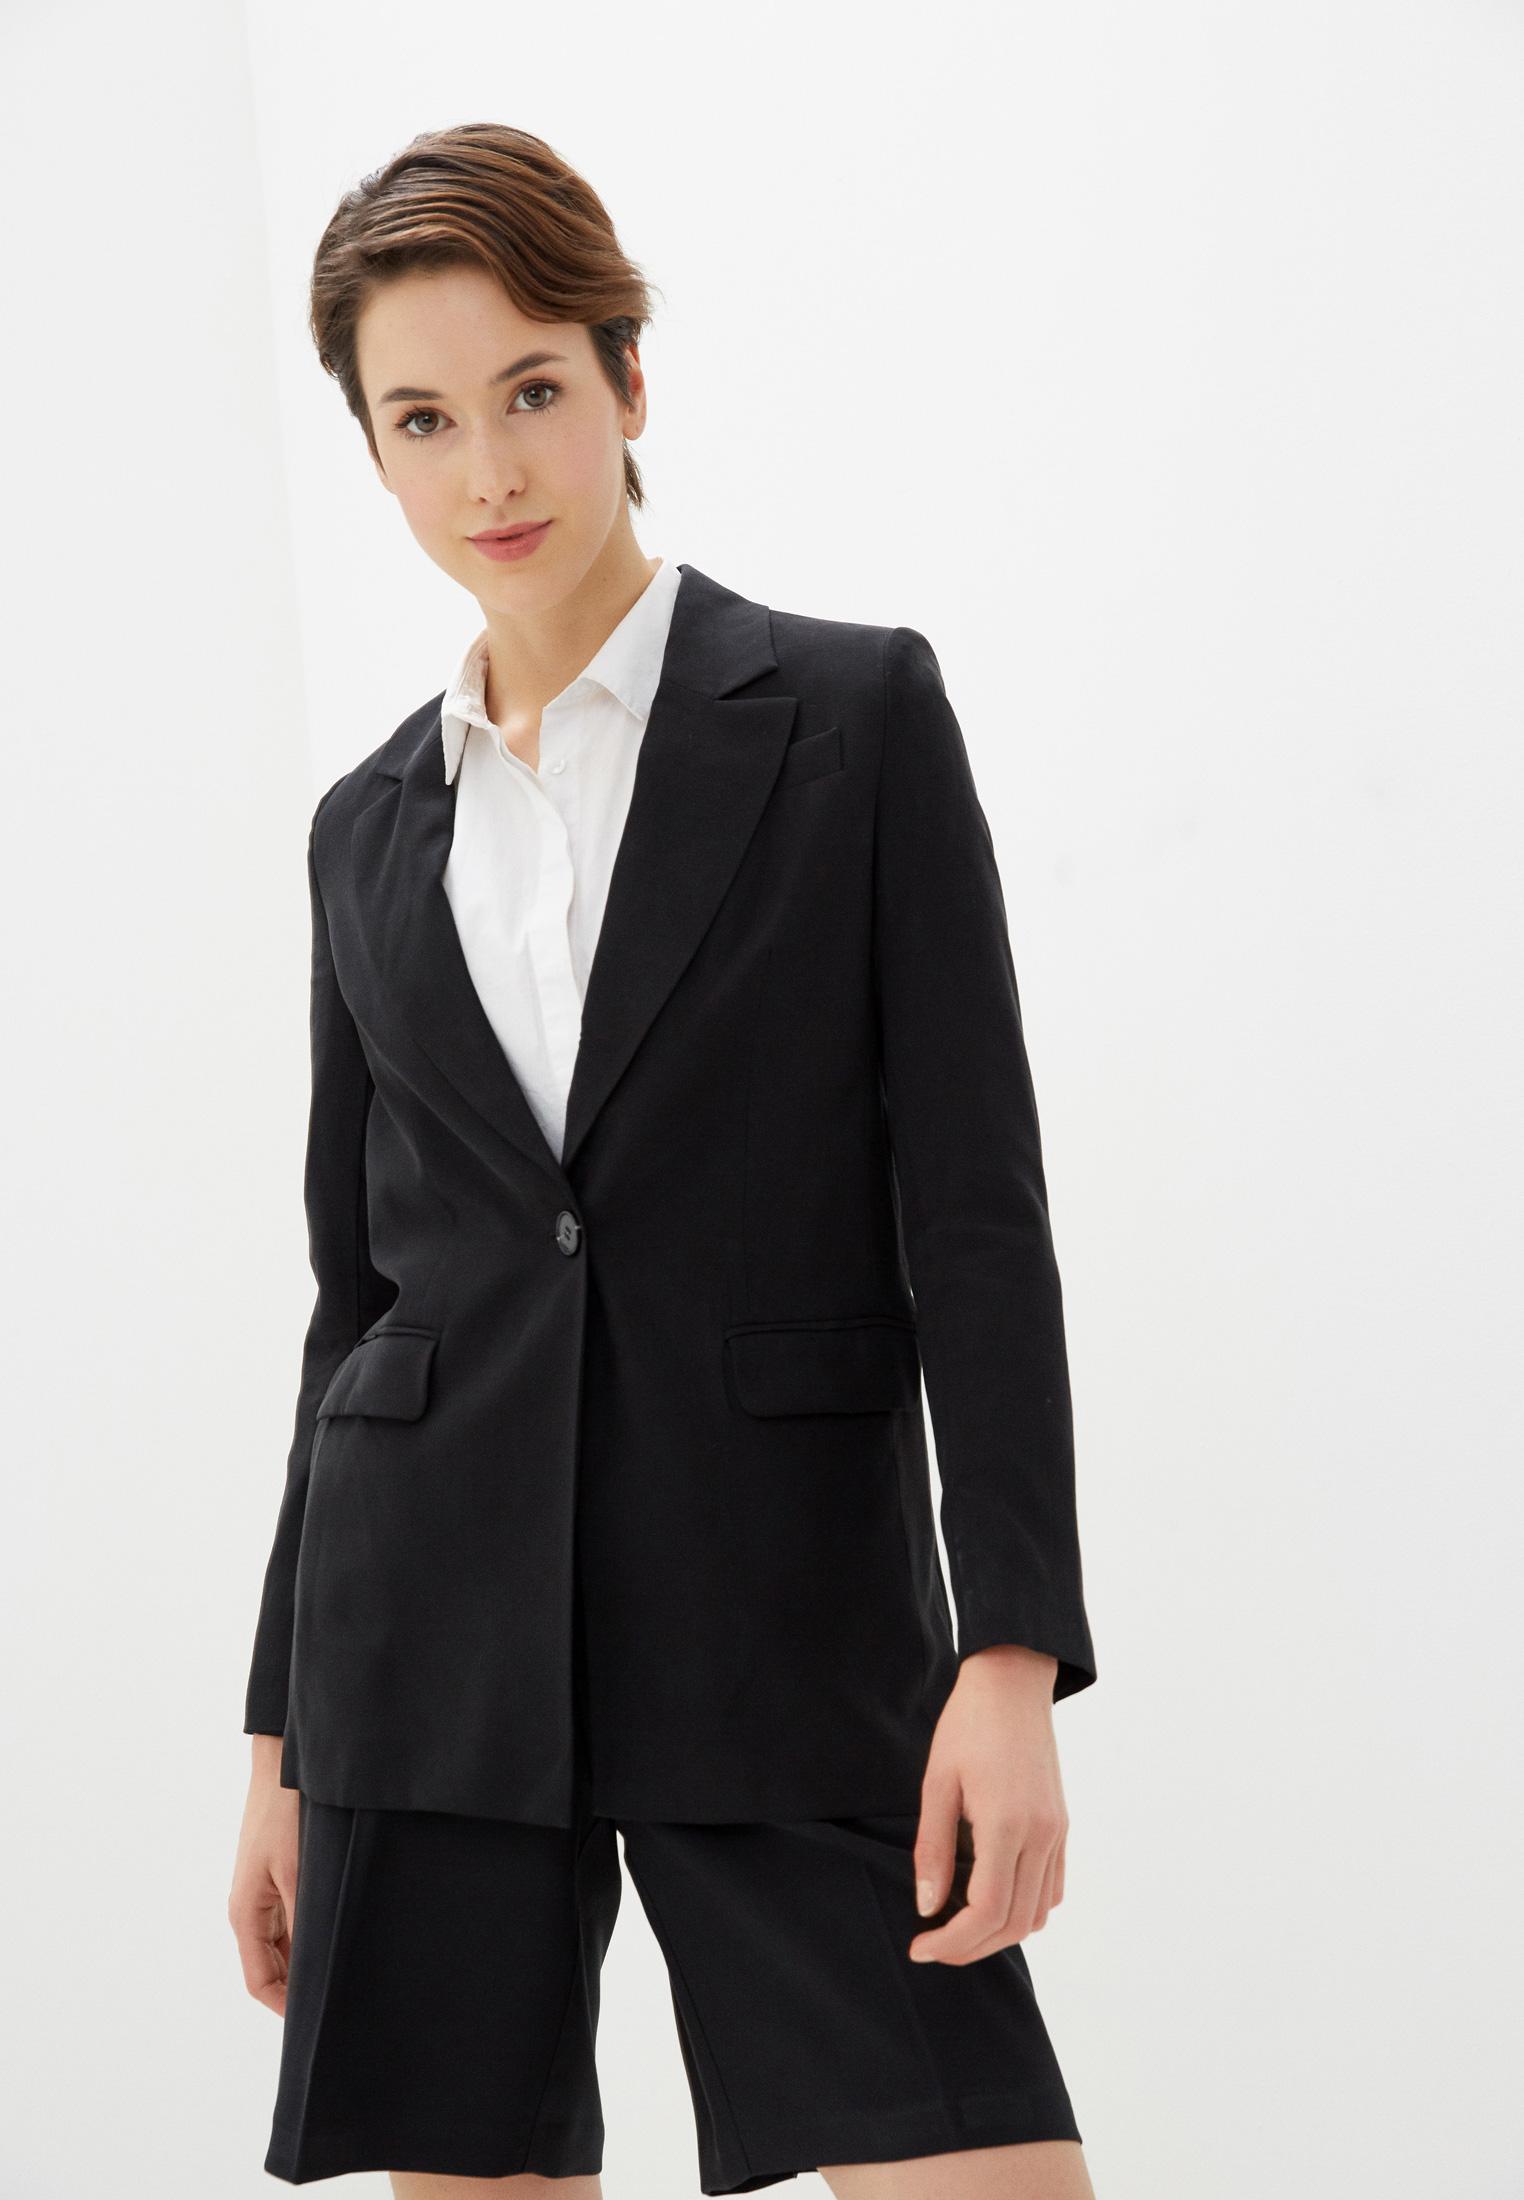 Пиджак Zarina купить за в интернет-магазине Lamoda.ru